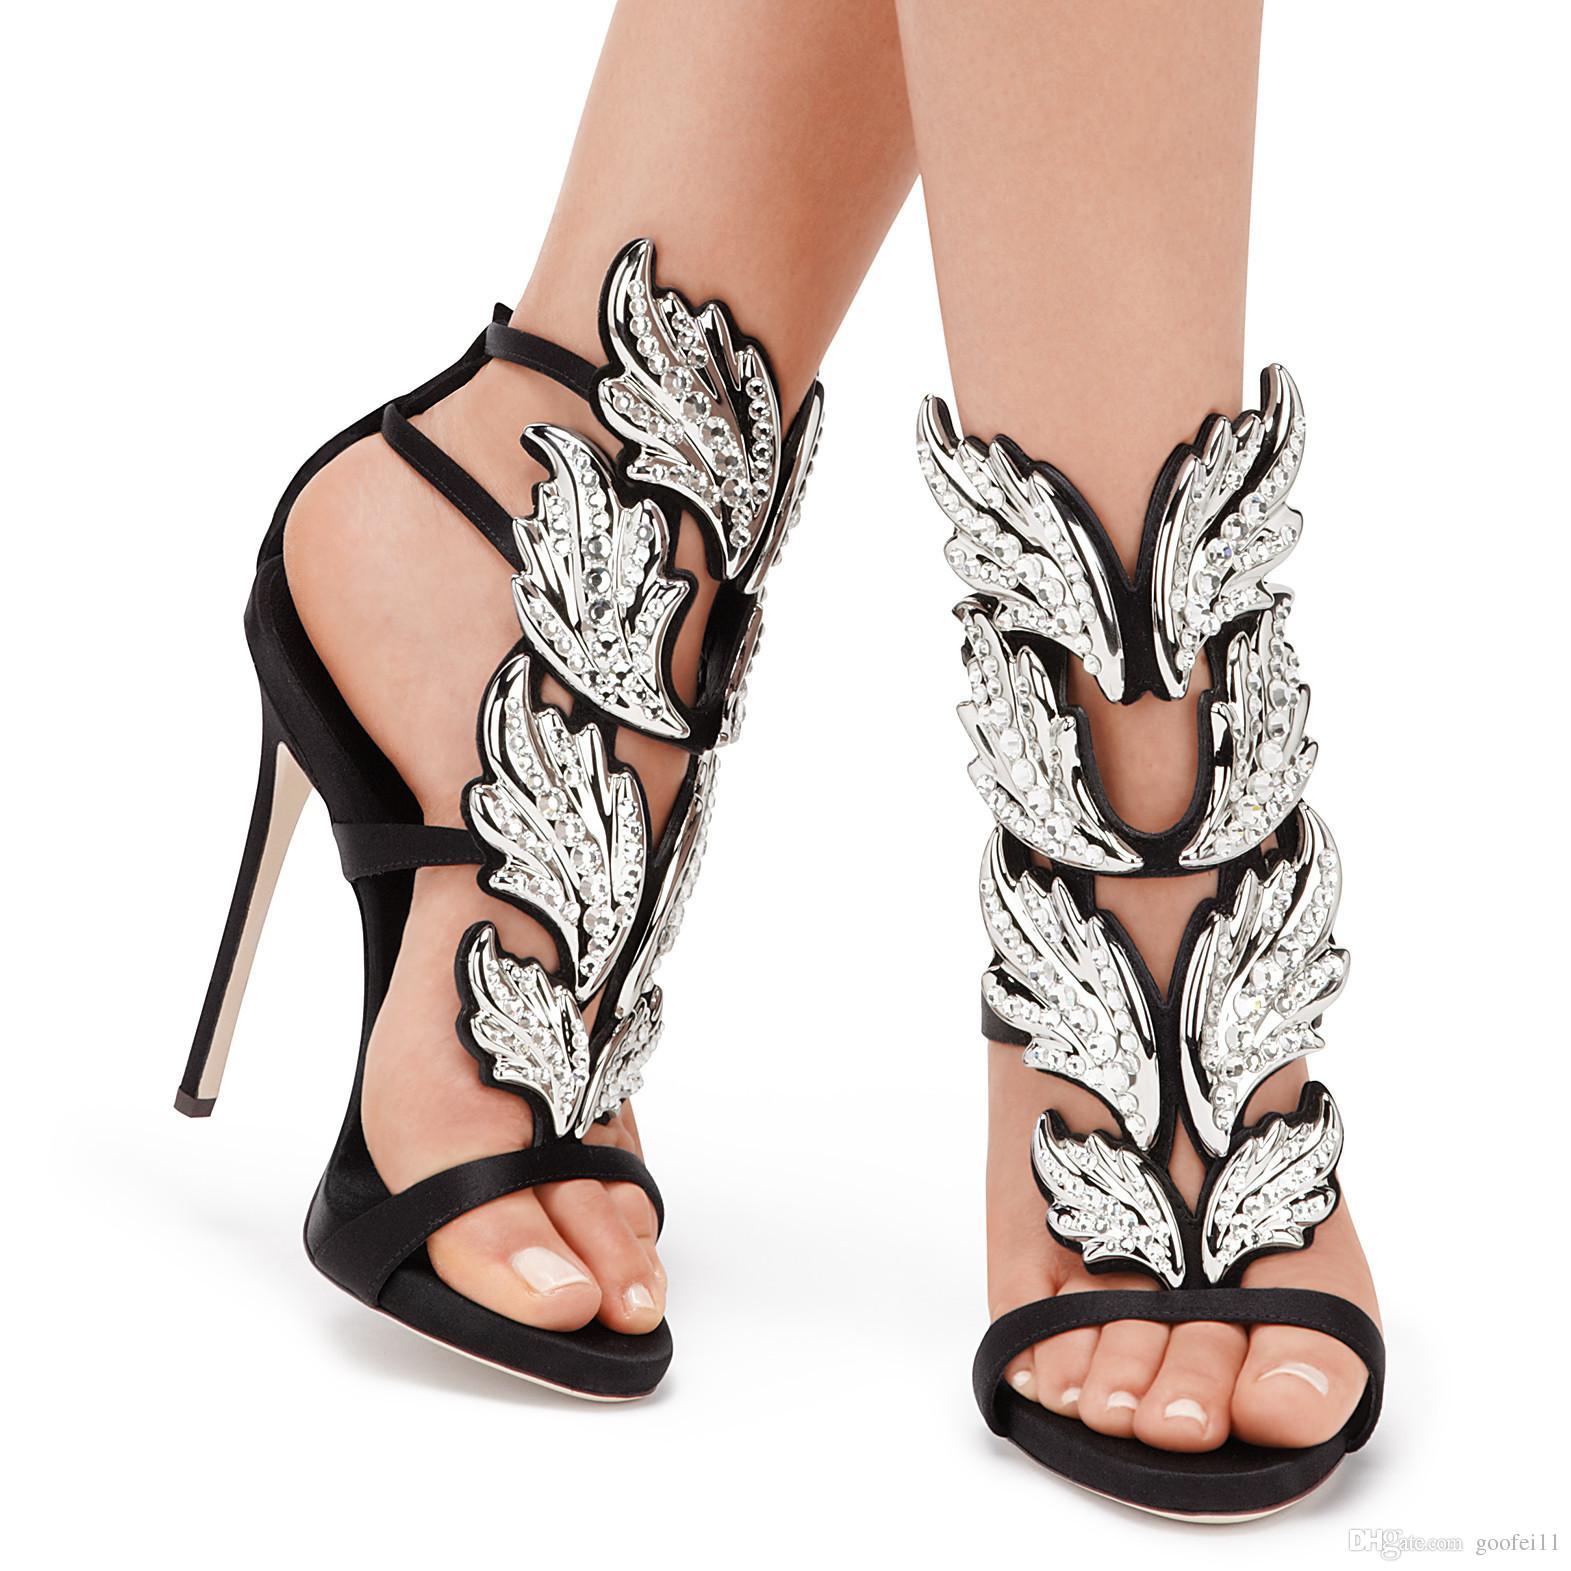 Chaussures Femme Tongs Haut Top à sangle et boucle Roma Gladiateur Sandale Bottines Neuf